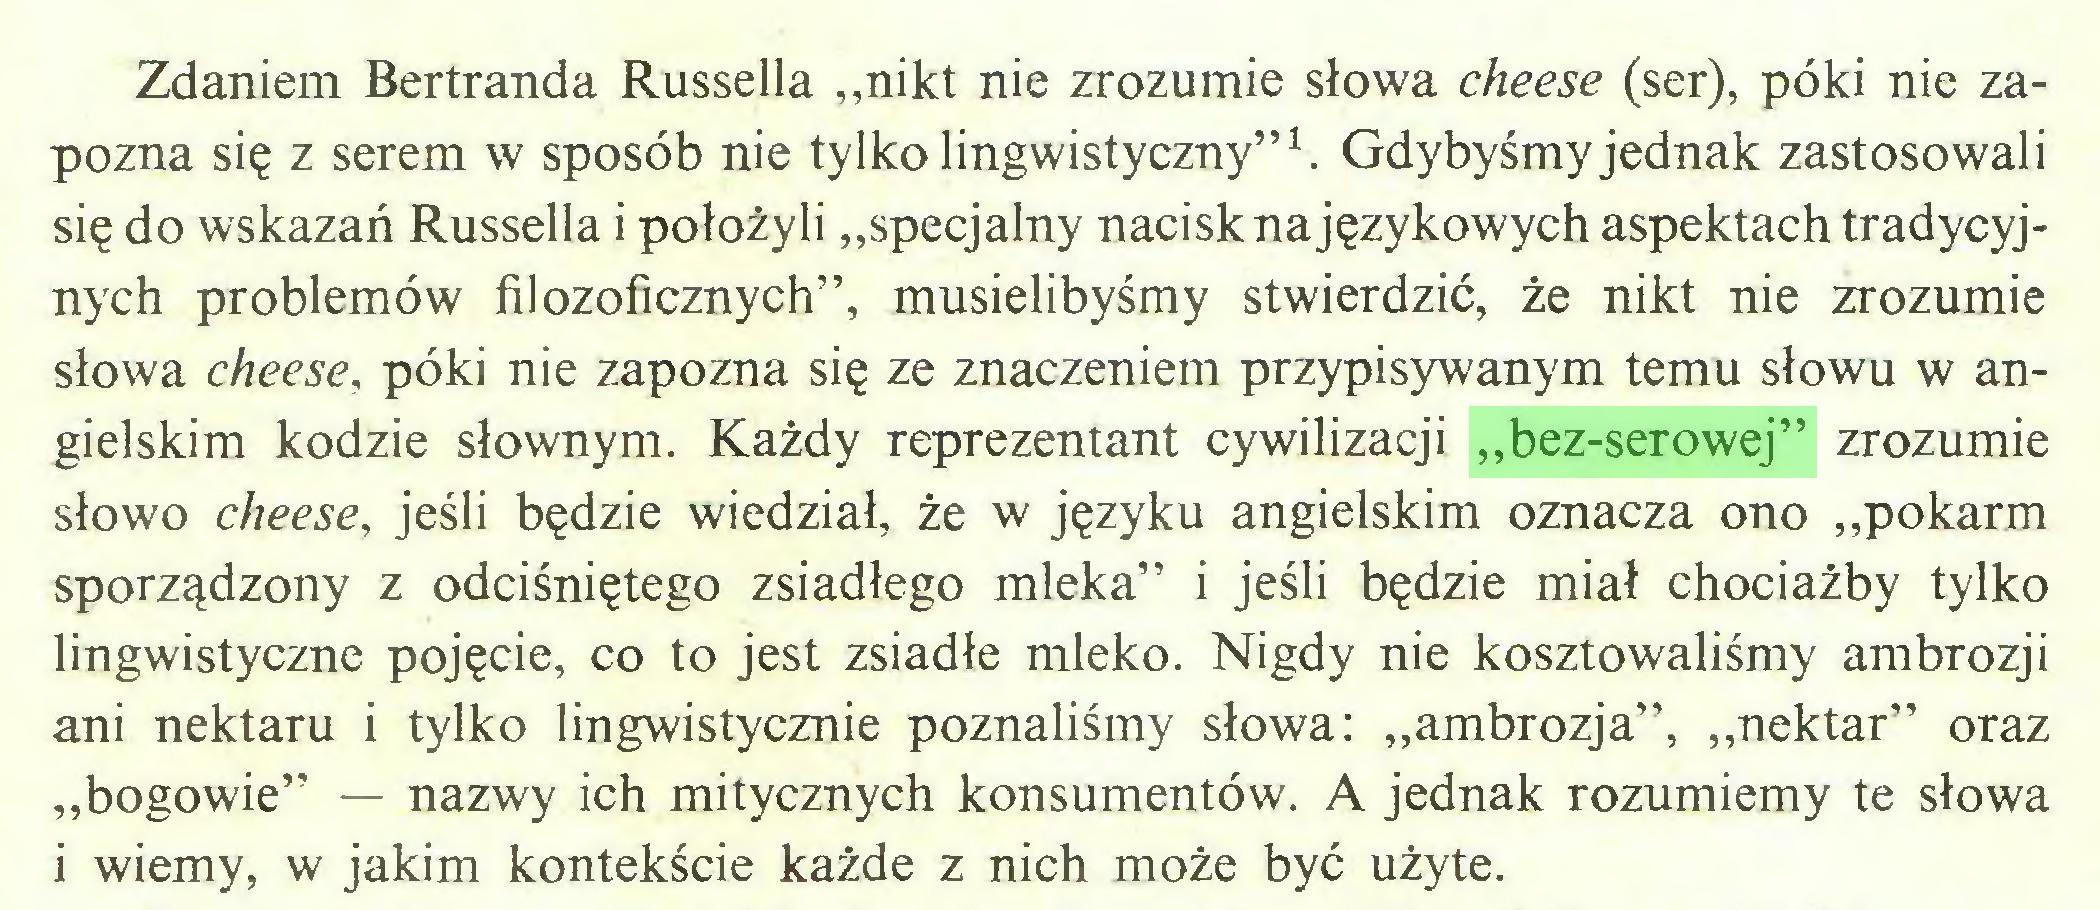 """(...) Zdaniem Bertranda Russella """"nikt nie zrozumie słowa cheese (ser), póki nie zapozna się z serem w sposób nie tylko lingwistyczny""""1. Gdybyśmy jednak zastosowali się do wskazań Russella i położyli """"specjalny nacisk na językowych aspektach tradycyjnych problemów filozoficznych"""", musielibyśmy stwierdzić, że nikt nie zrozumie słowa cheese, póki nie zapozna się ze znaczeniem przypisywanym temu słowu w angielskim kodzie słownym. Każdy reprezentant cywilizacji """"bez-serowej"""" zrozumie słowo cheese, jeśli będzie wiedział, że w języku angielskim oznacza ono """"pokarm sporządzony z odciśniętego zsiadłego mleka"""" i jeśli będzie miał chociażby tylko lingwistyczne pojęcie, co to jest zsiadłe mleko. Nigdy nie kosztowaliśmy ambrozji ani nektaru i tylko lingwistycznie poznaliśmy słowa: """"ambrozja"""", """"nektar"""" oraz """"bogowie"""" — nazwy ich mitycznych konsumentów. A jednak rozumiemy te słowa i wiemy, w jakim kontekście każde z nich może być użyte..."""